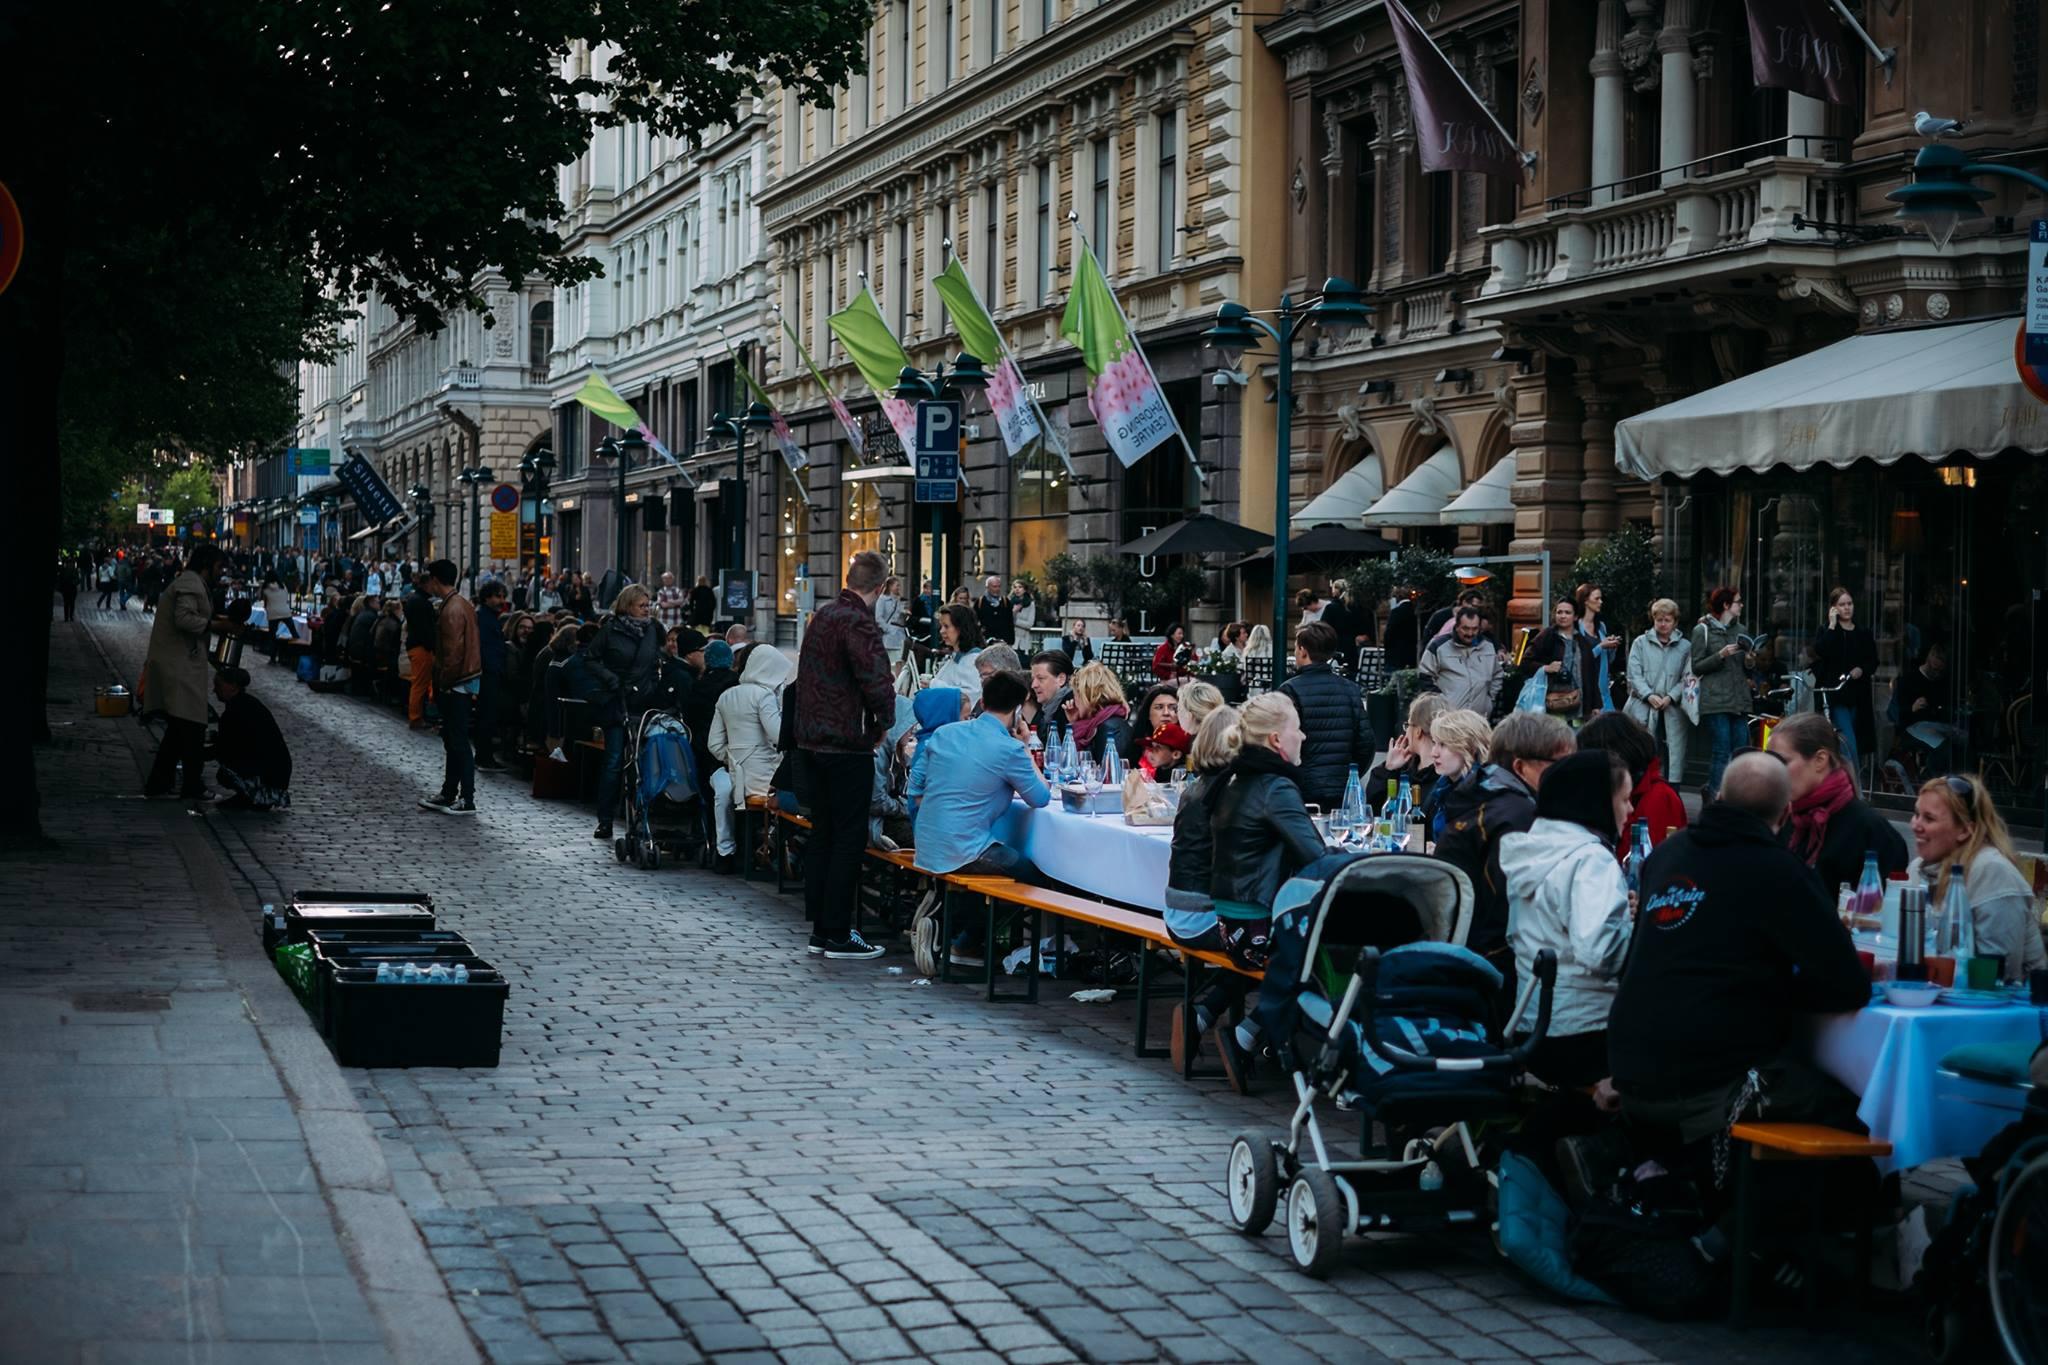 Ilallinen Helsingin taivaan alla täytti Espan Helsinki-päivänä. Torstaina järjestetään Illallinen Suomen taivaan alla ja kaikki on kutsuttu mukaan!